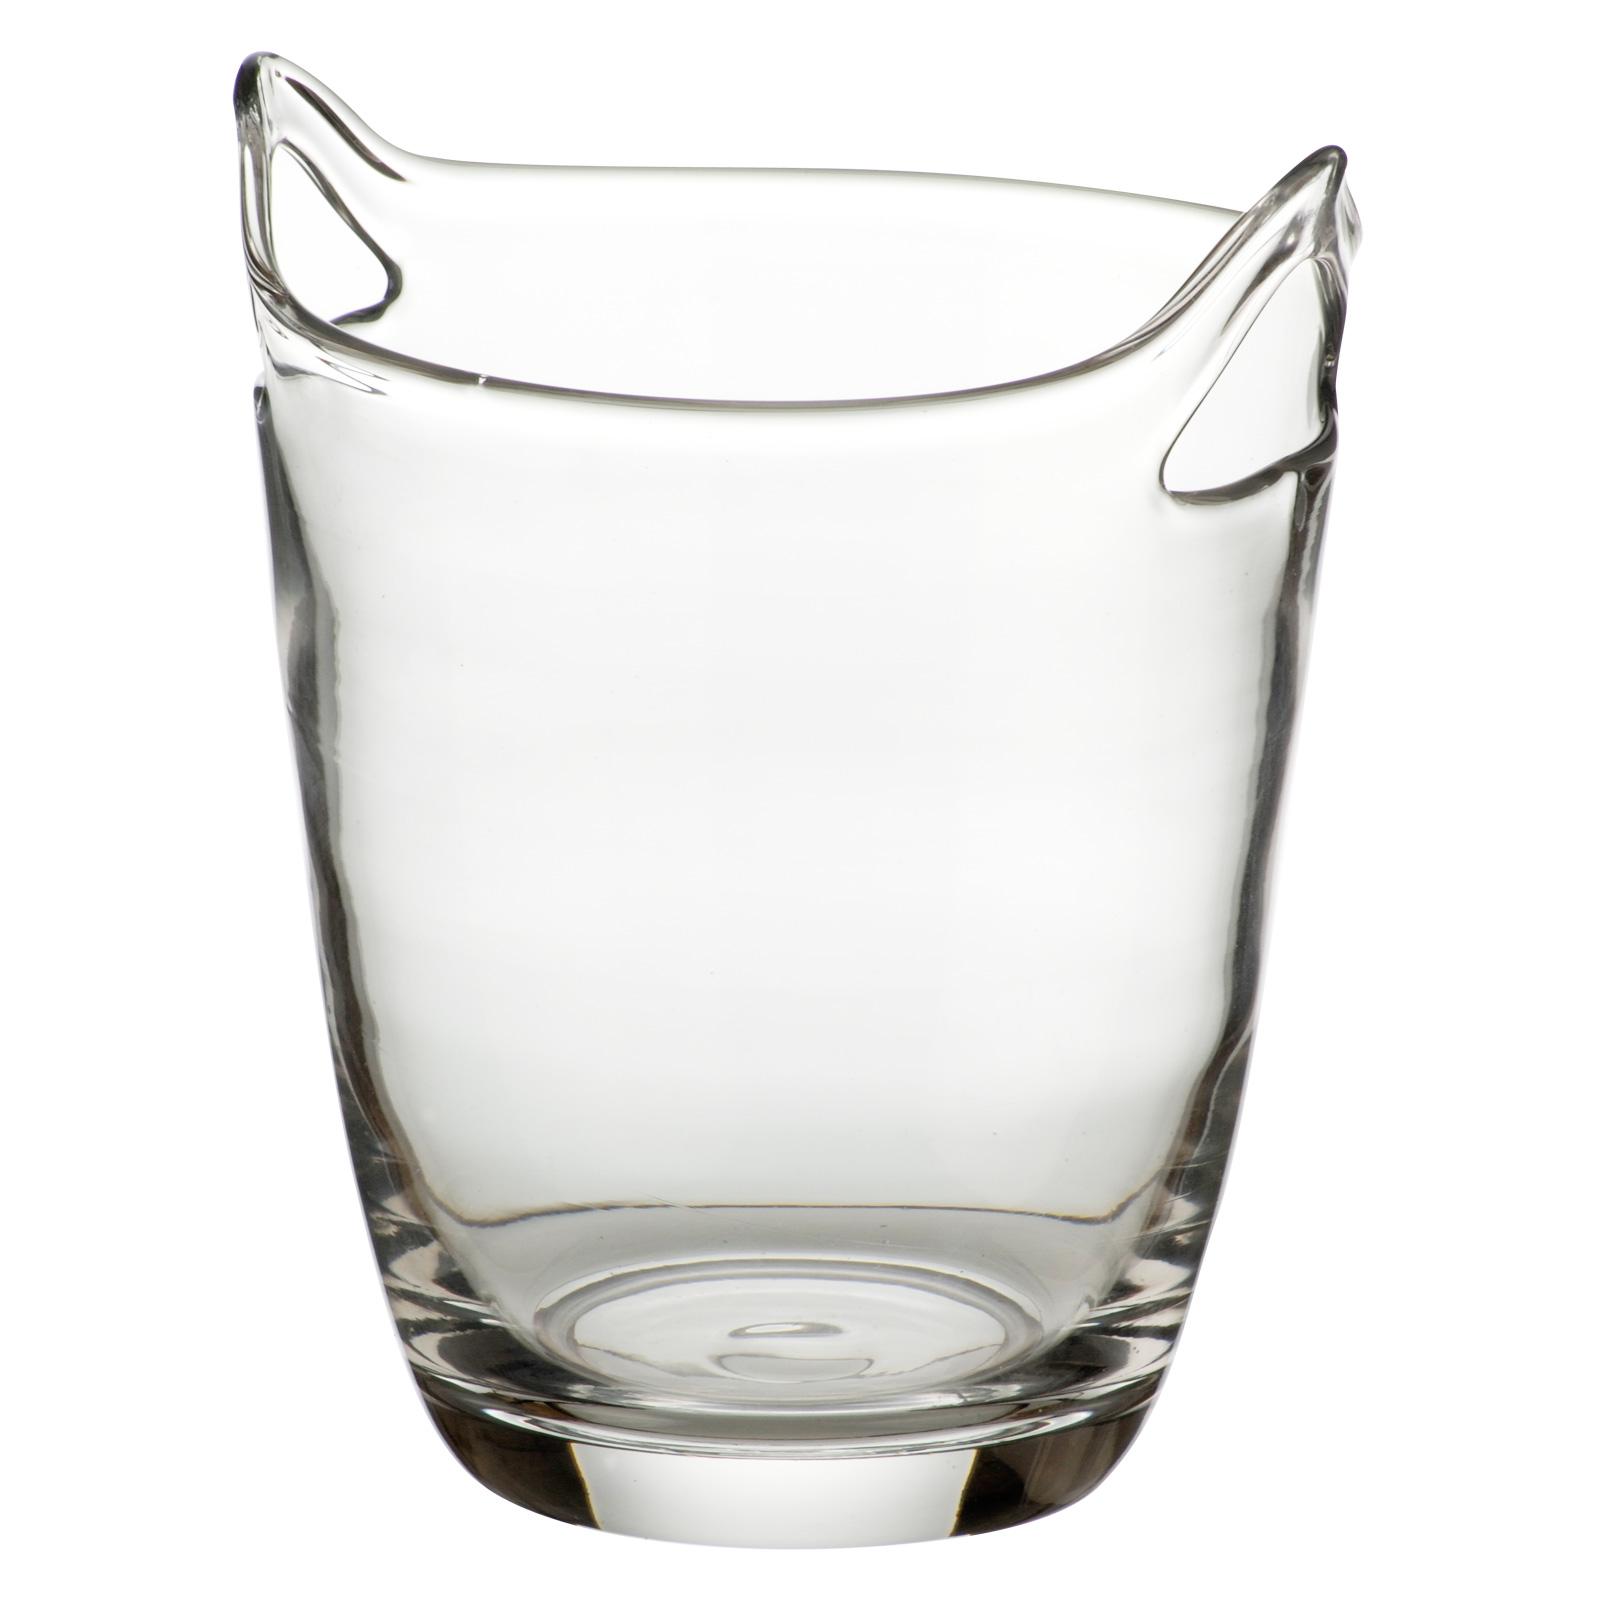 Simplicity Ice Bucket  by Artland